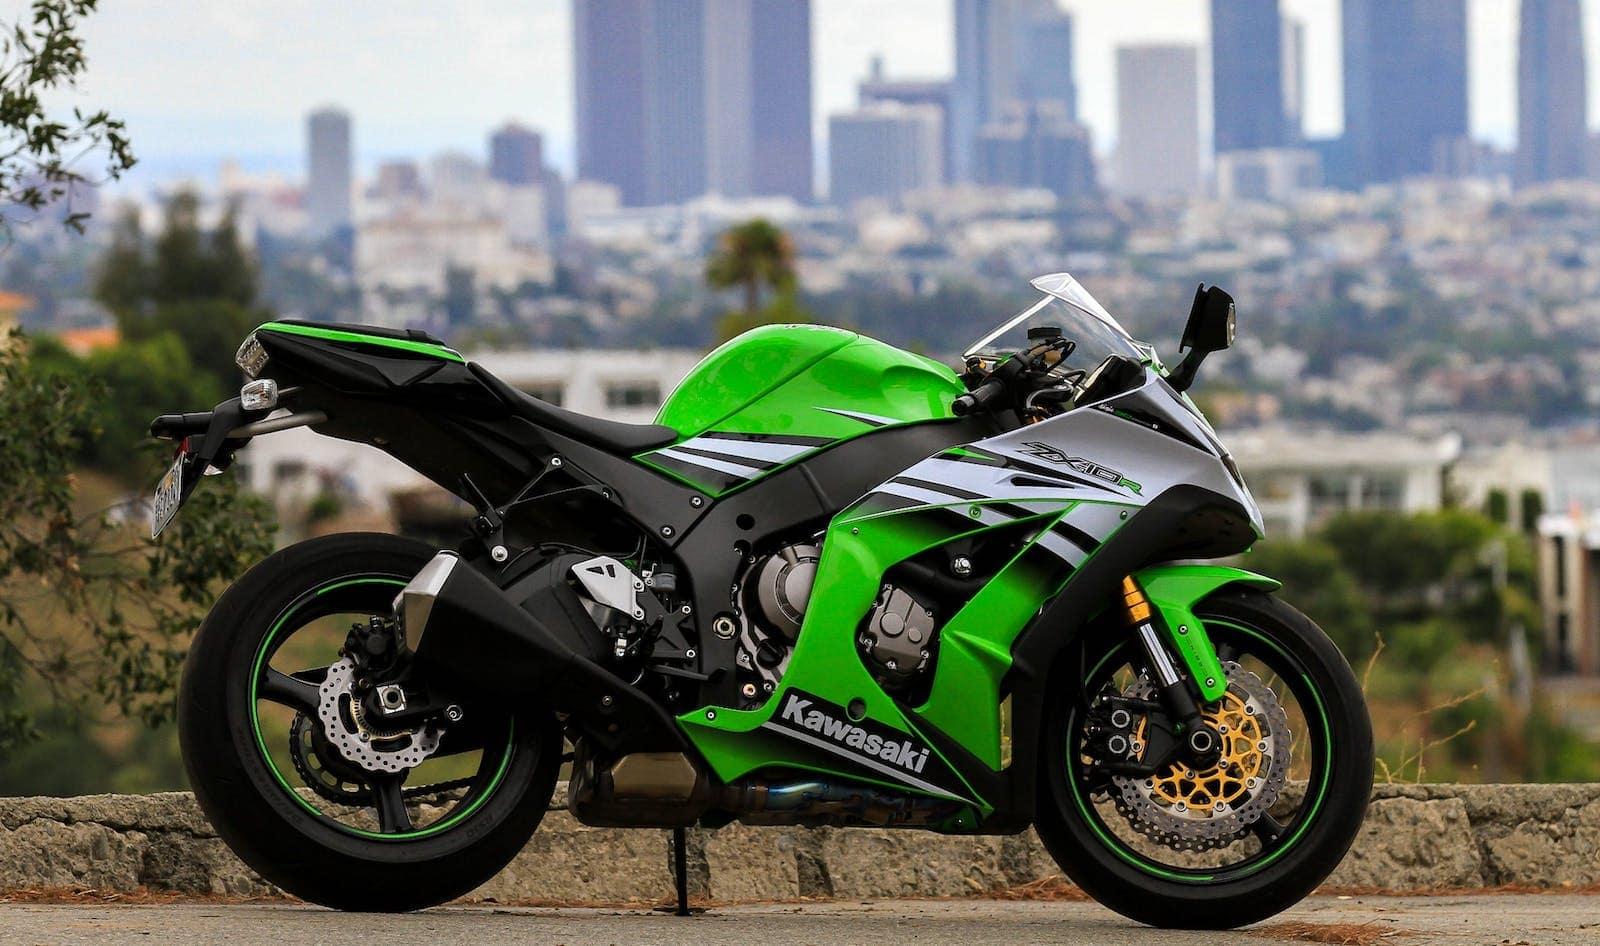 Kawasaki ZX-10R green motorcycle.